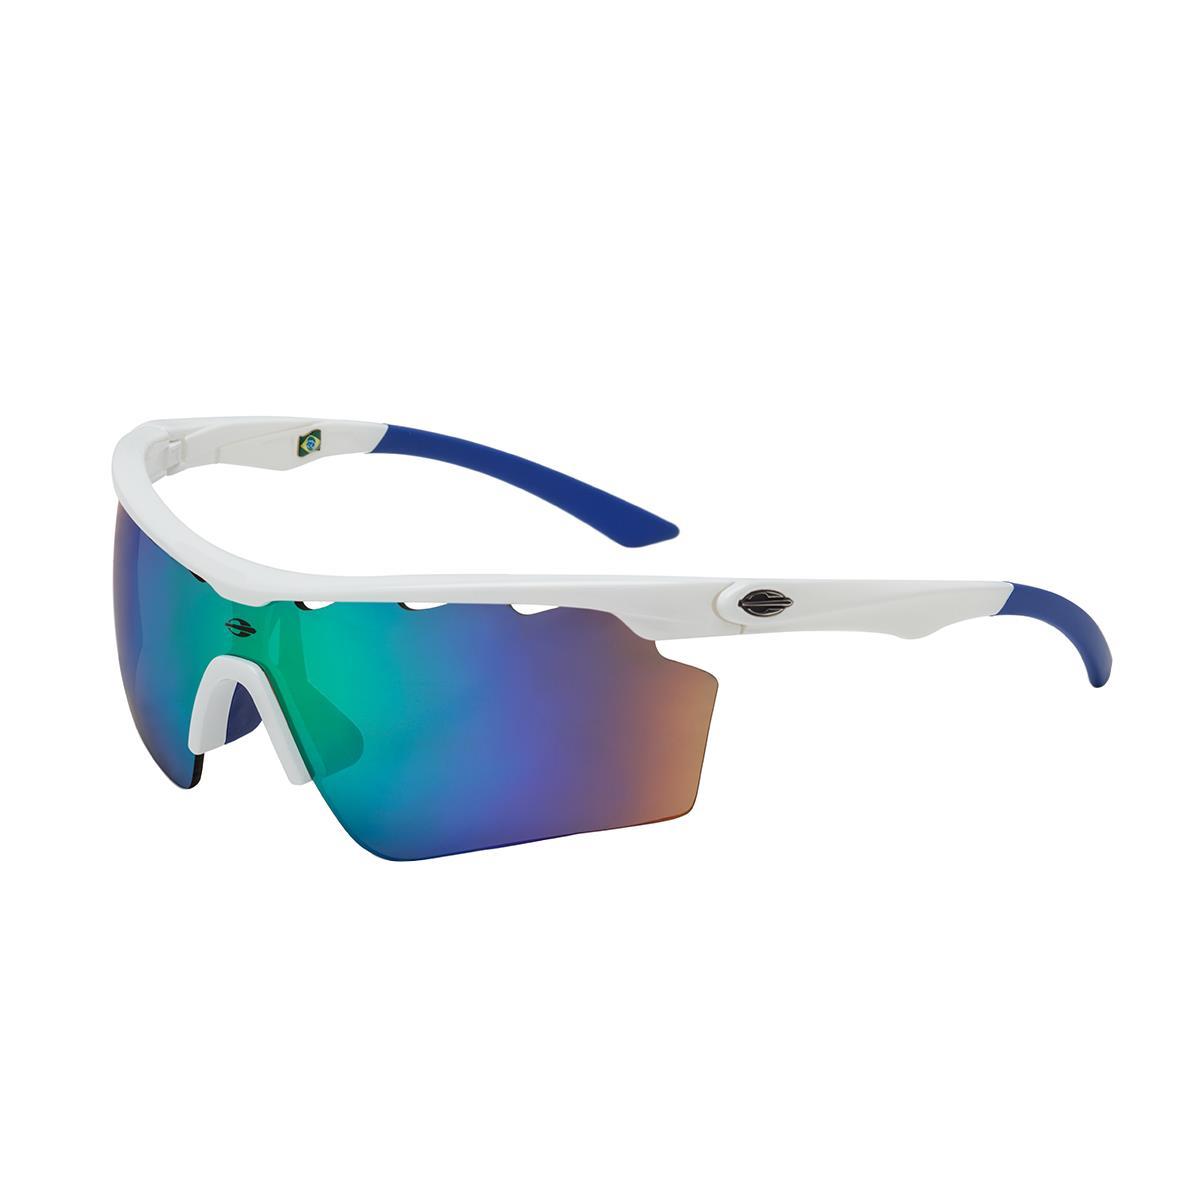 0b7eb406f48b5 Óculos De Sol Athlon V Branco Brilho Lente Espelhada Verde Mormaii na  Estrela10